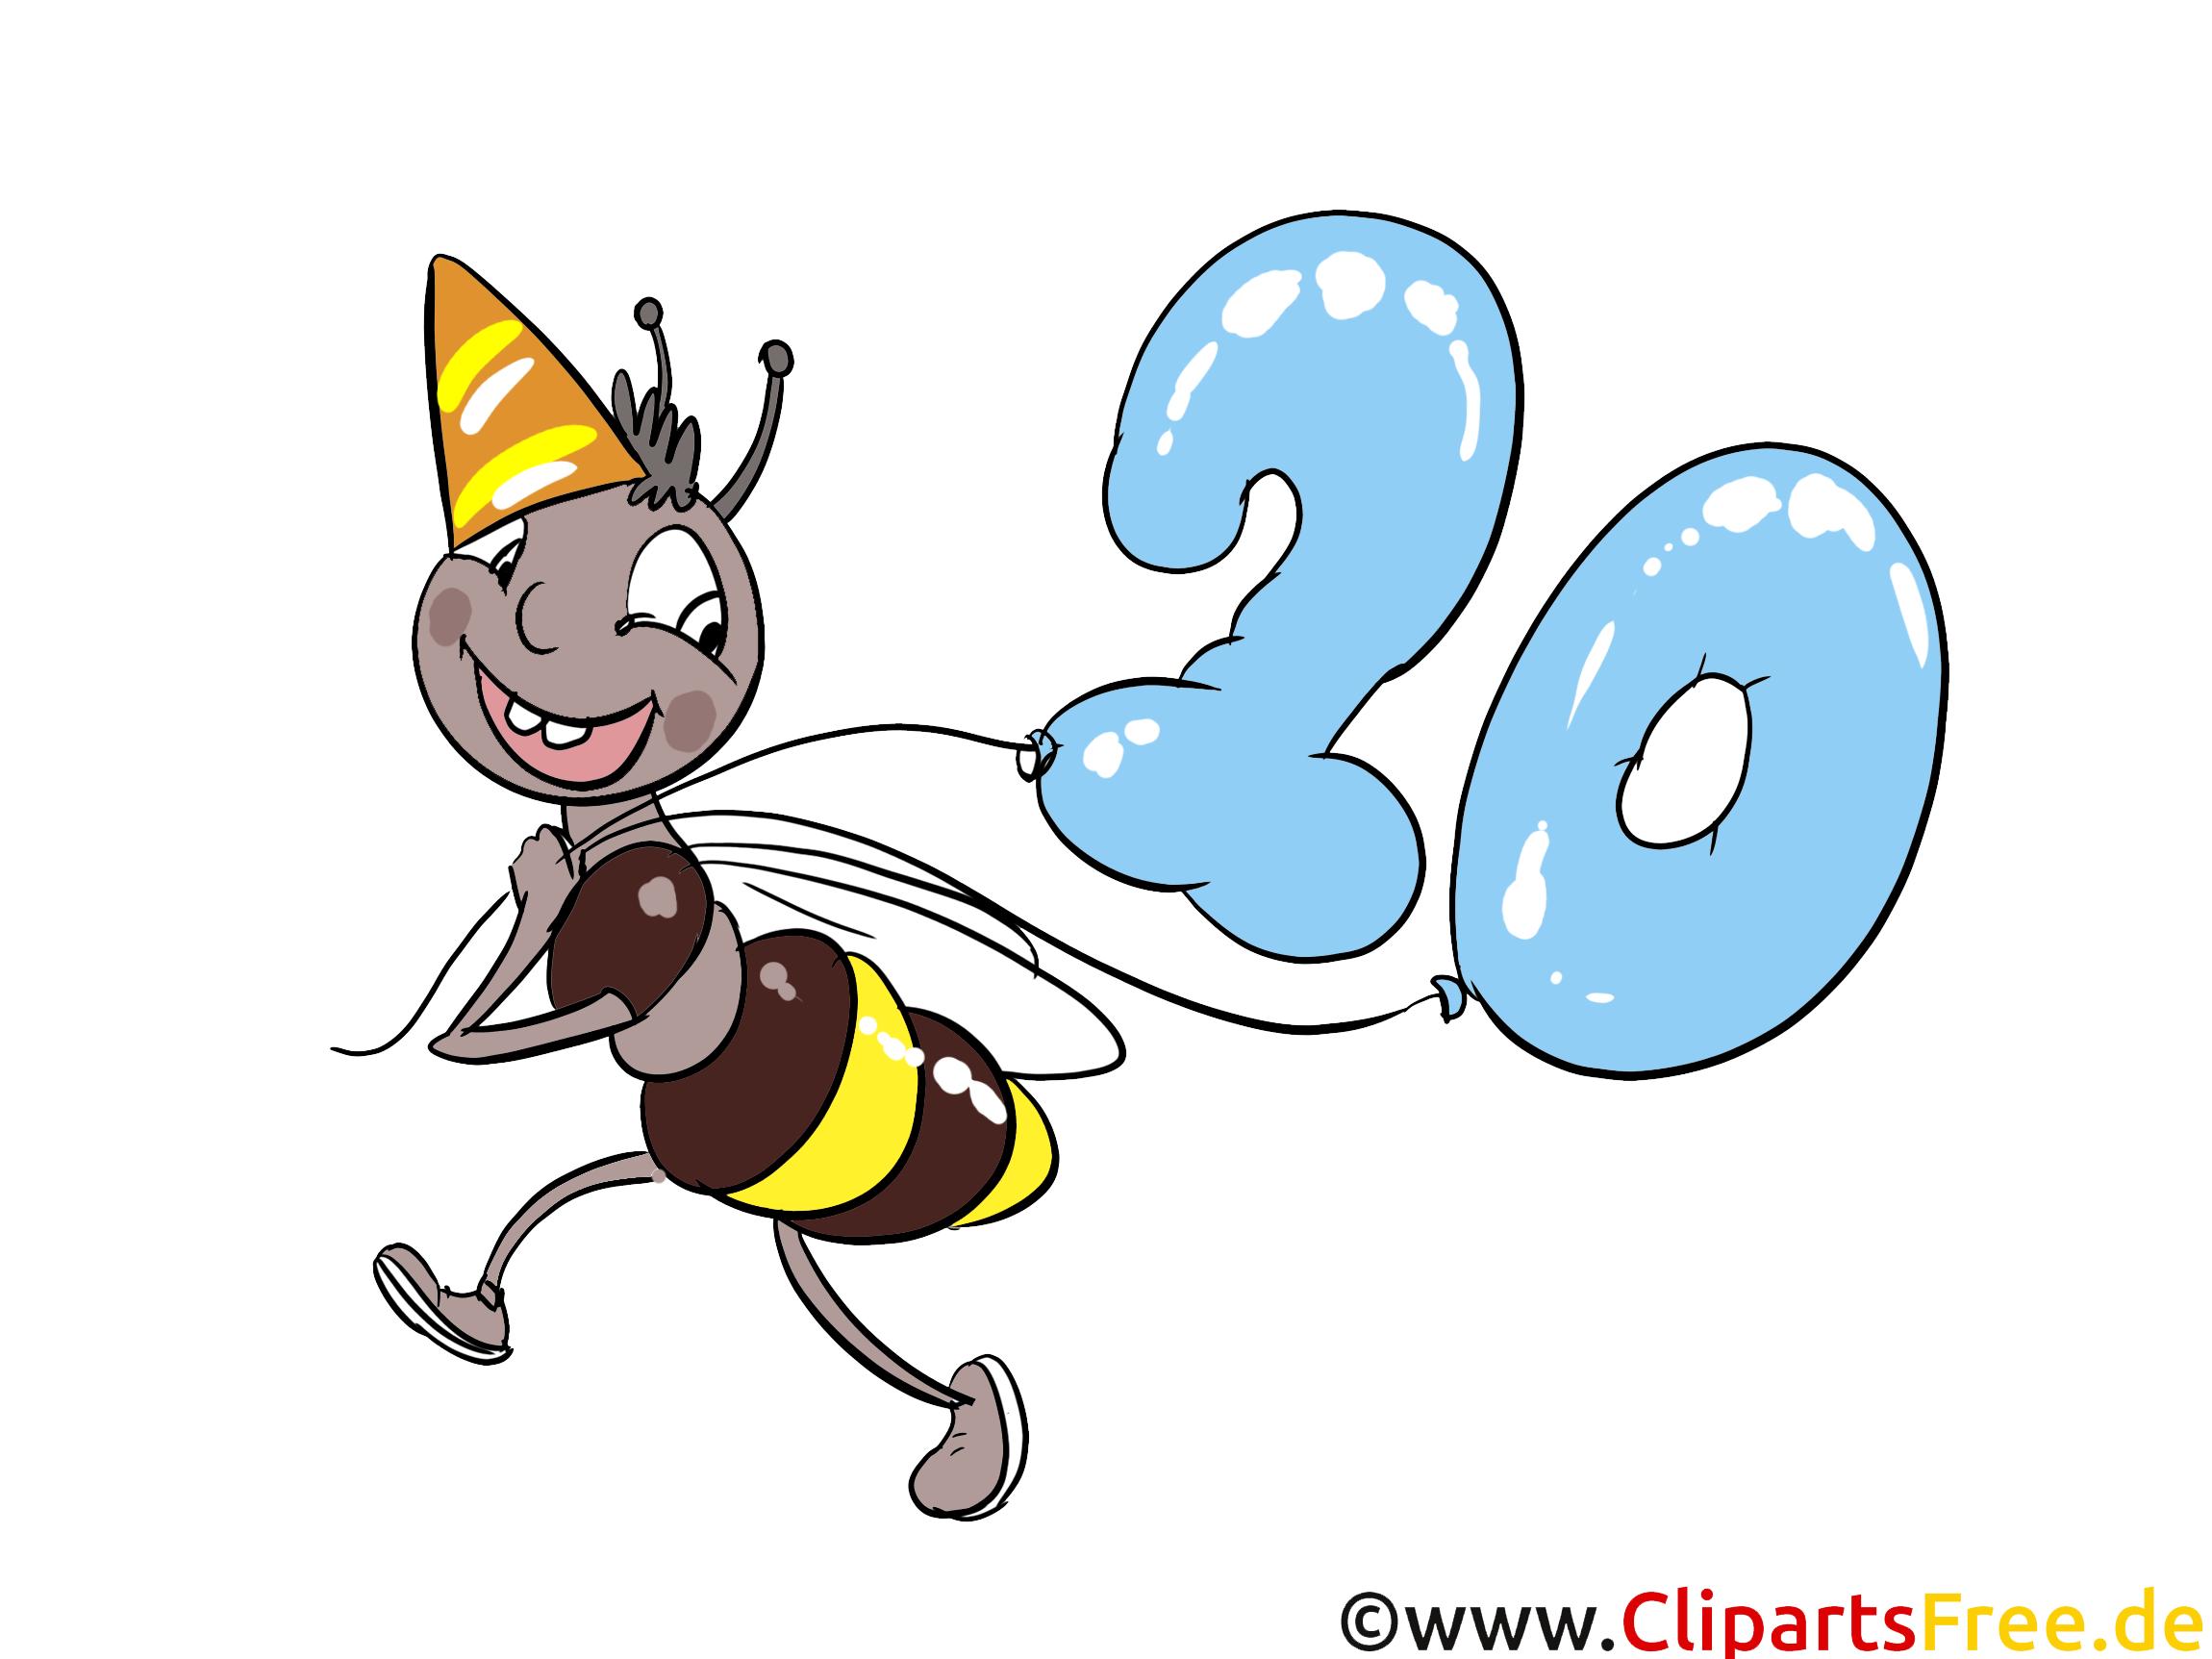 clipart gratuit anniversaire 30 ans - photo #9